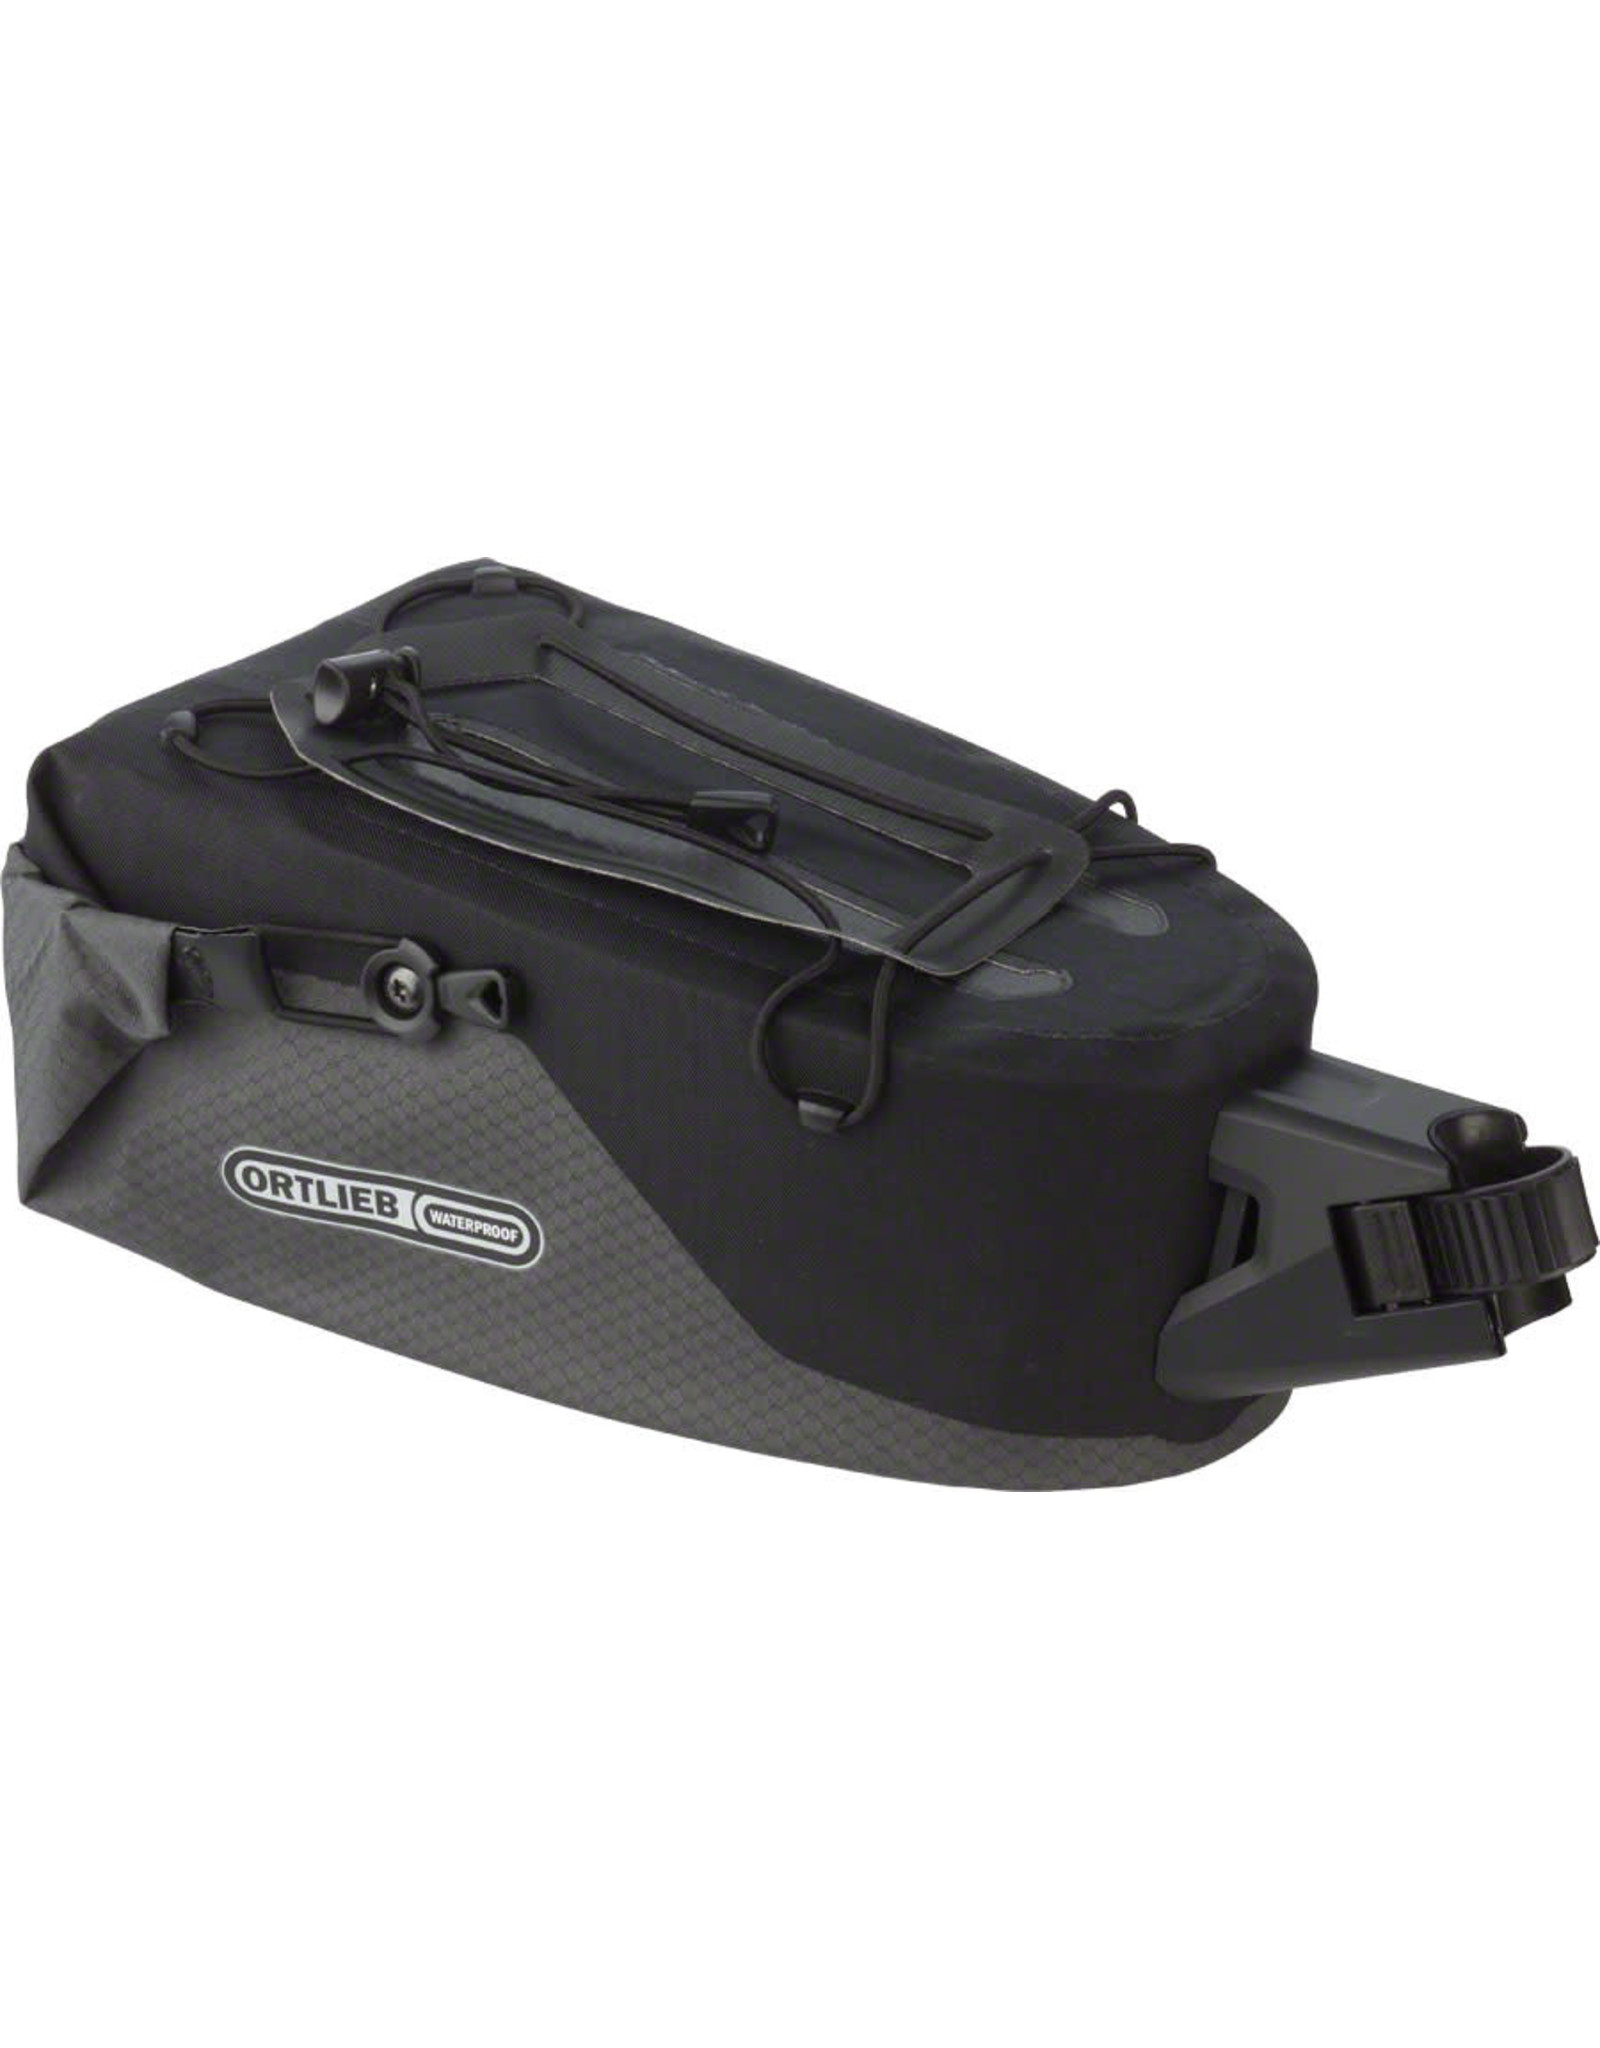 Ortlieb Ortlieb Seatpost Bag: MD, Slate Black